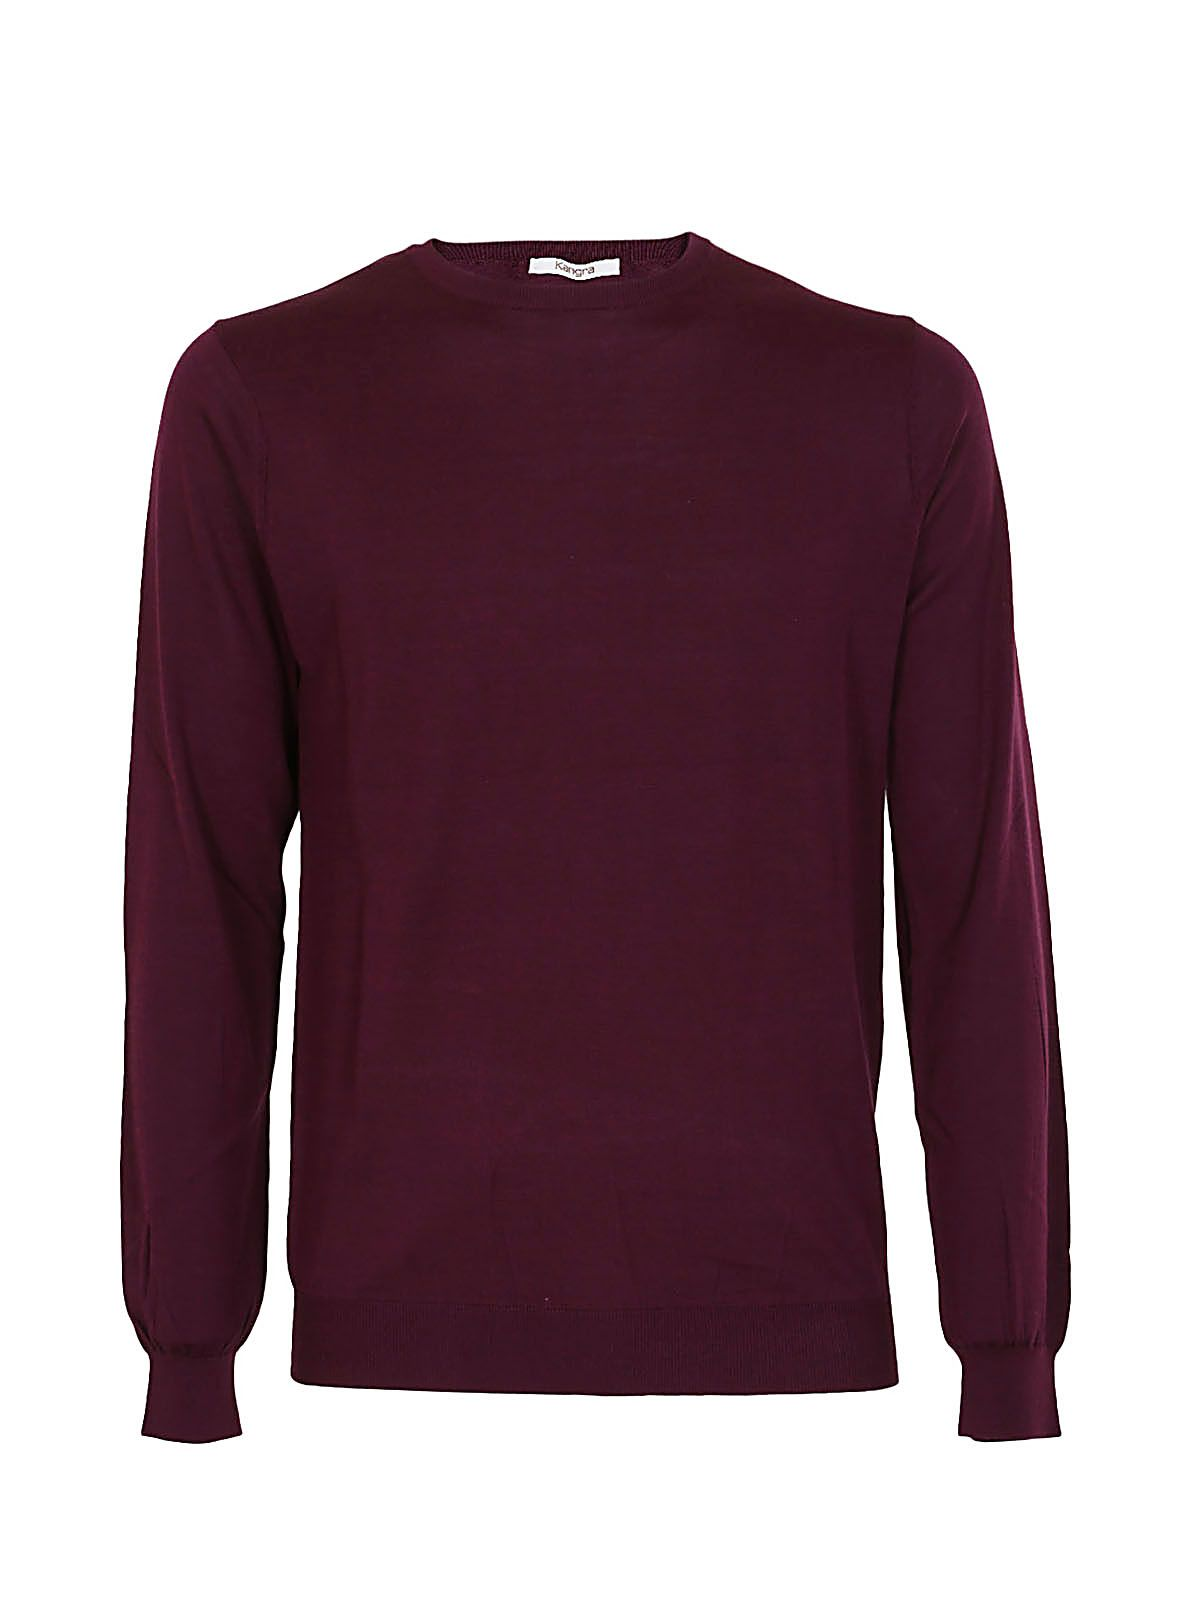 Kangra Classic Sweatshirt